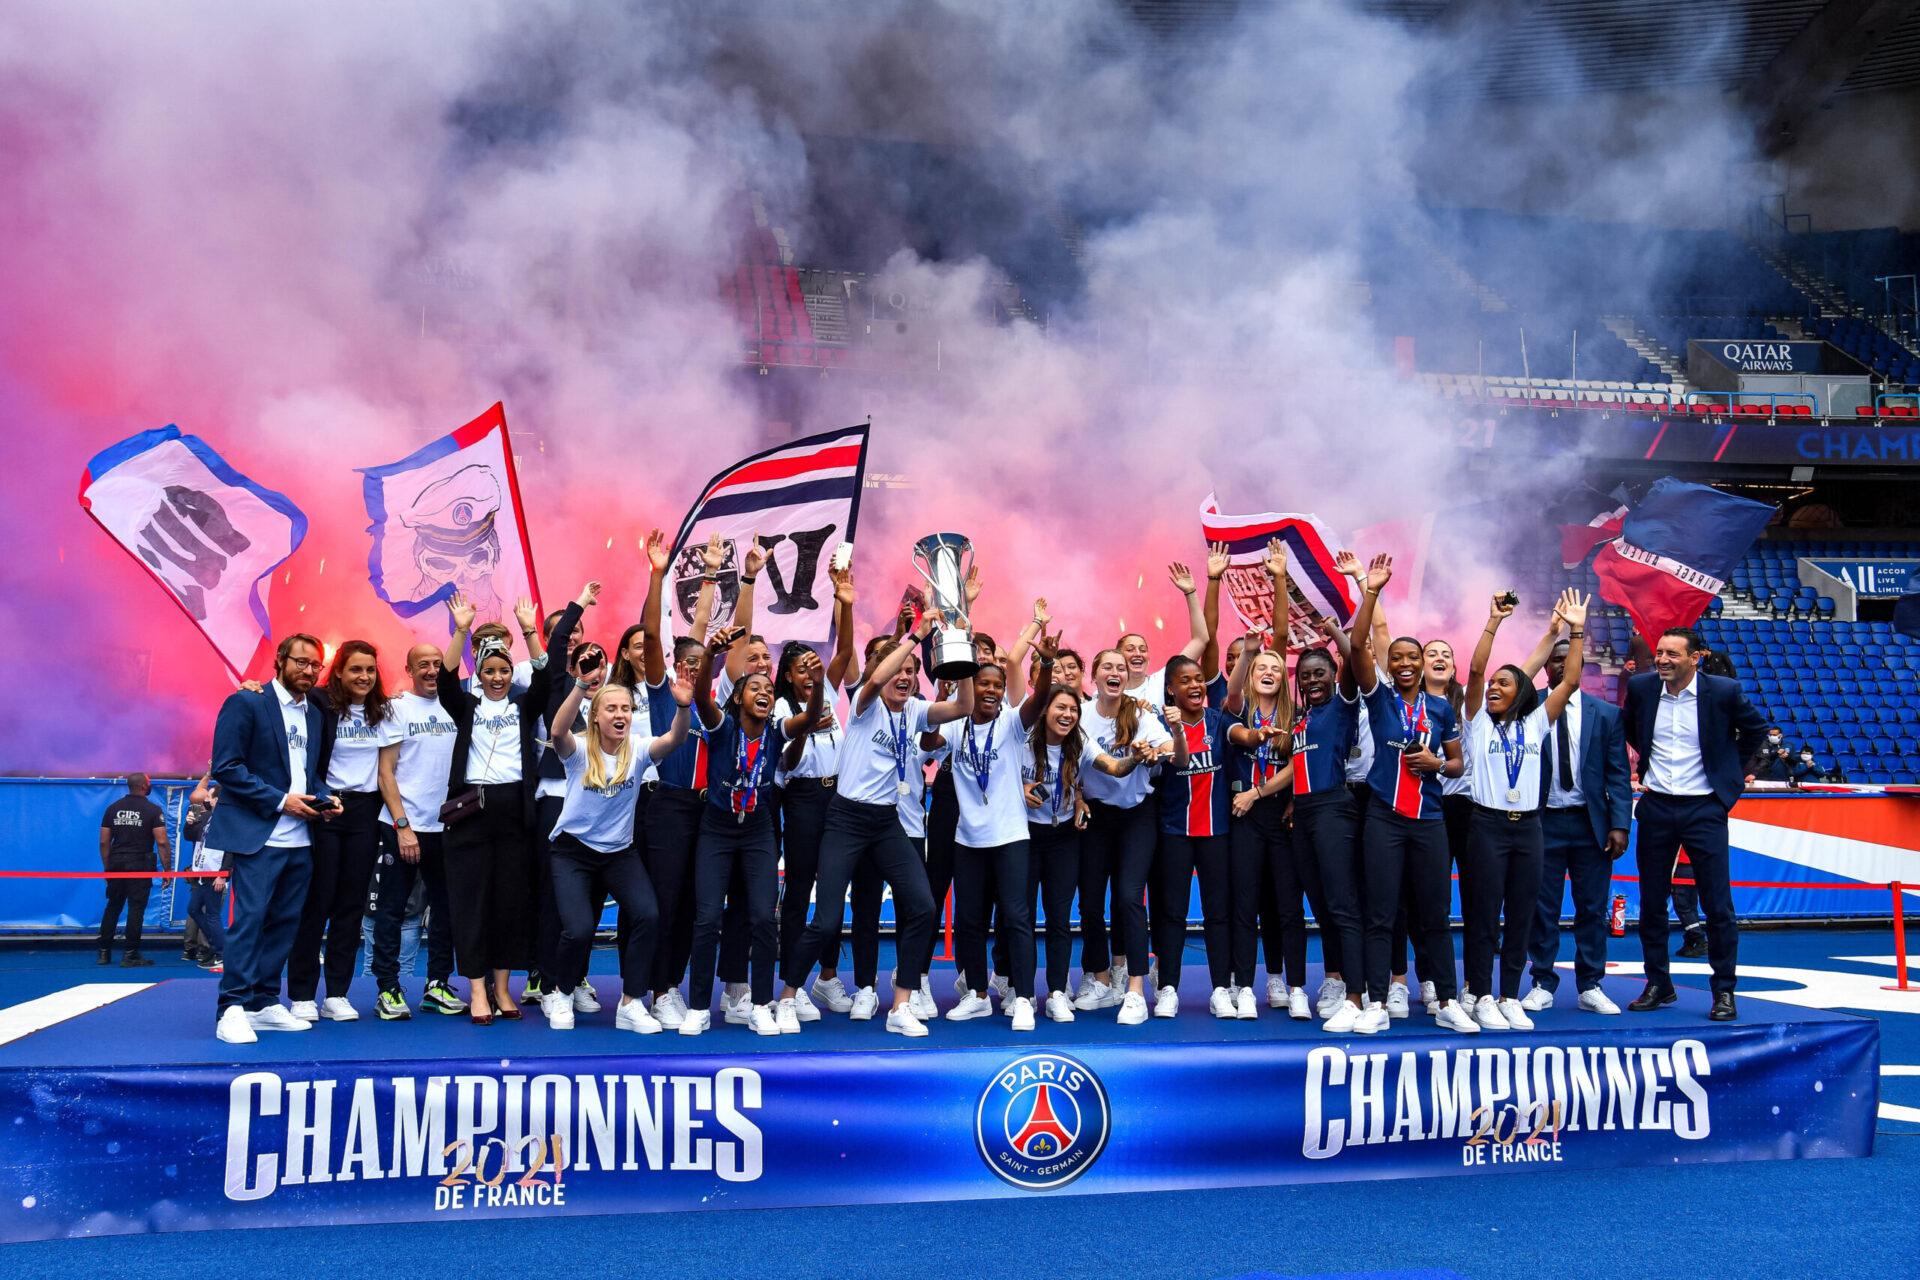 Le Paris Saint-Germain est parvenu à mettre un terme à l'hémégonie lyonnaise en remportant la D1 Arkéma 2020/2021. Icon Sport